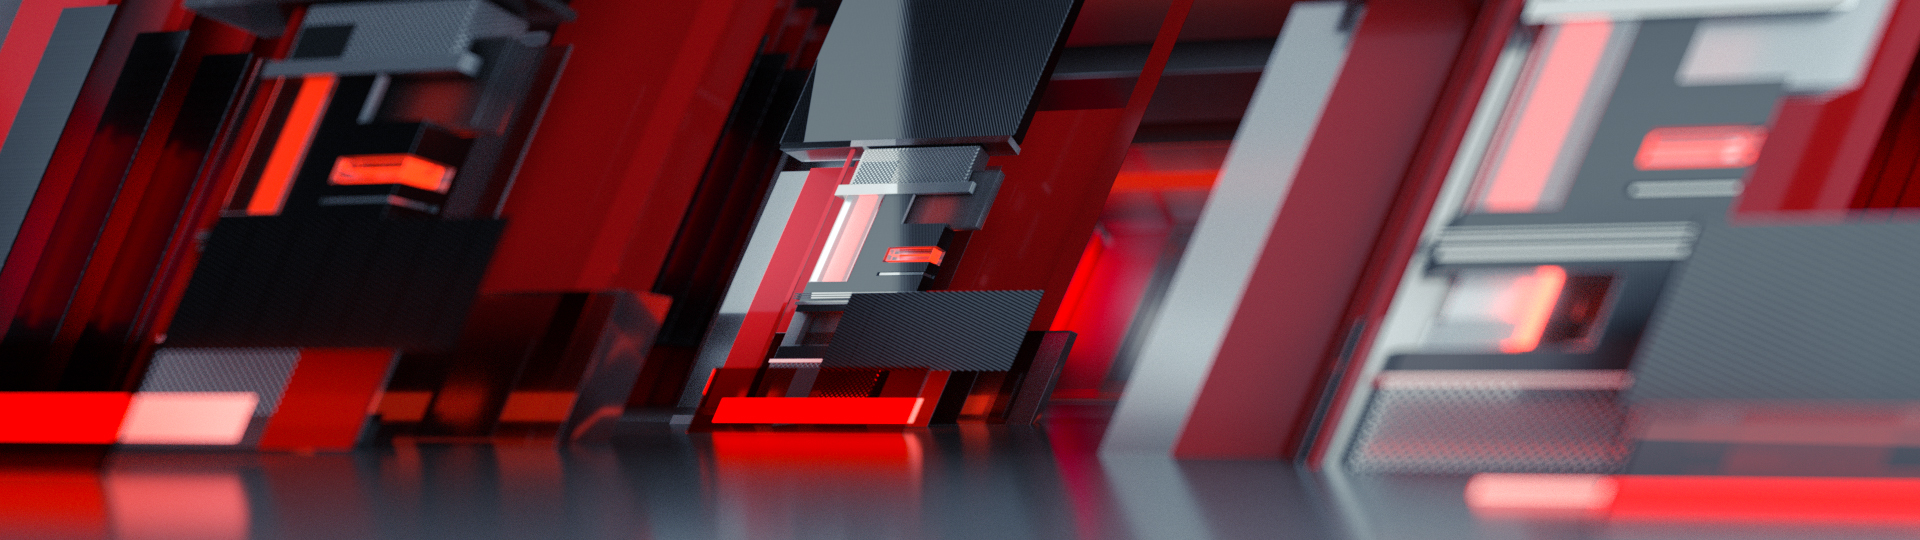 Audi_v001_bg.jpg